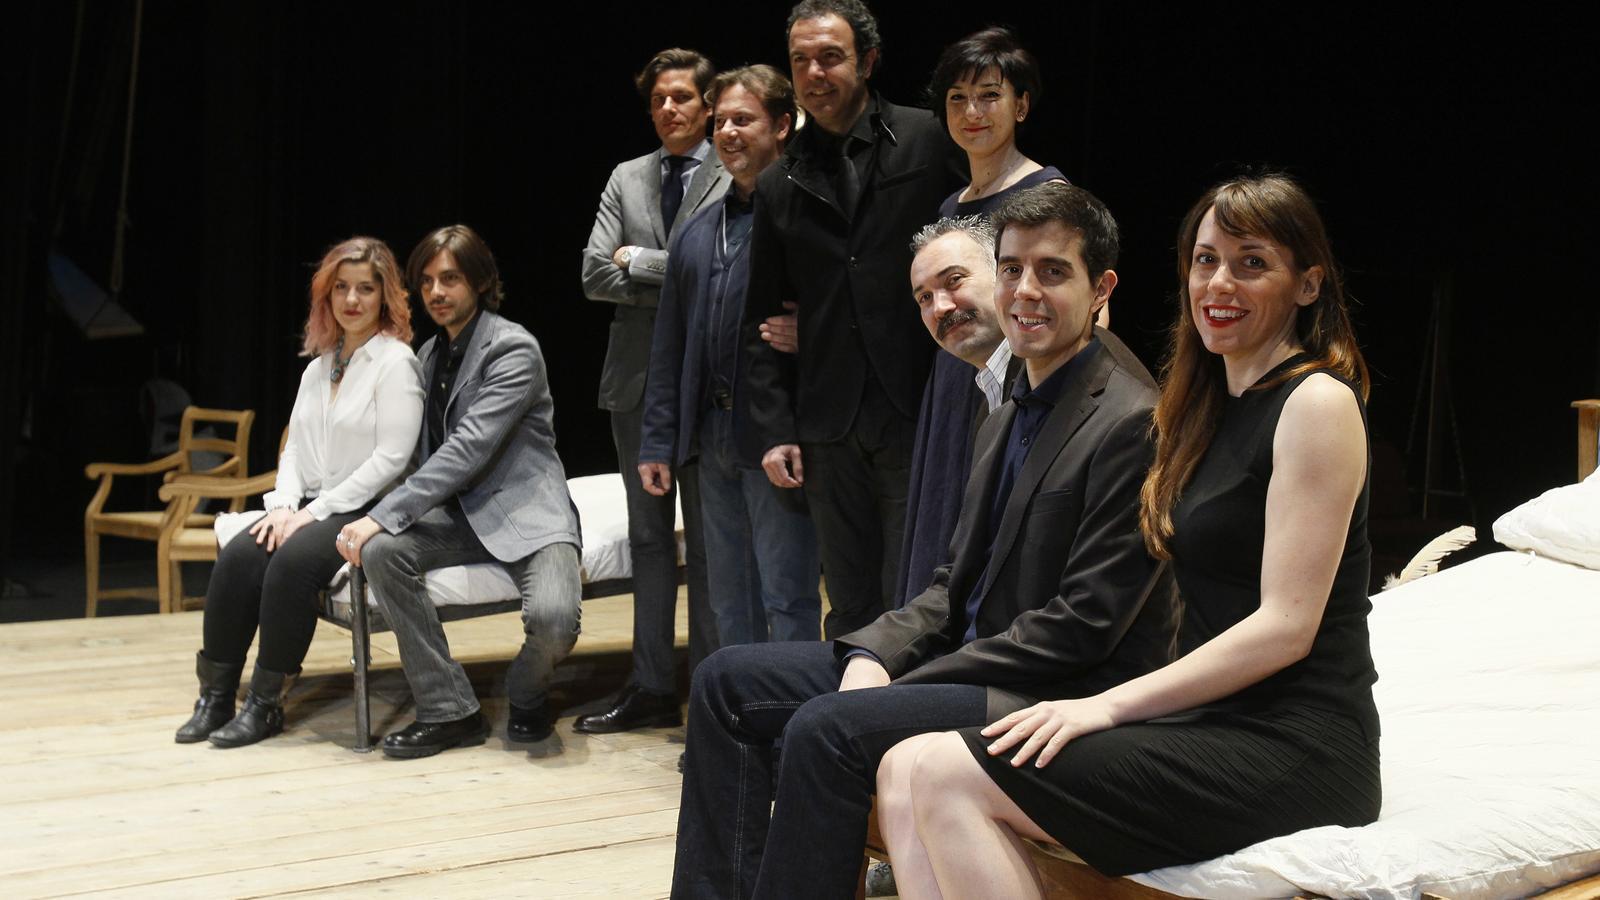 Teatre i música a 'Così fan tutte' o 'l'escola dels amants' de Mozart